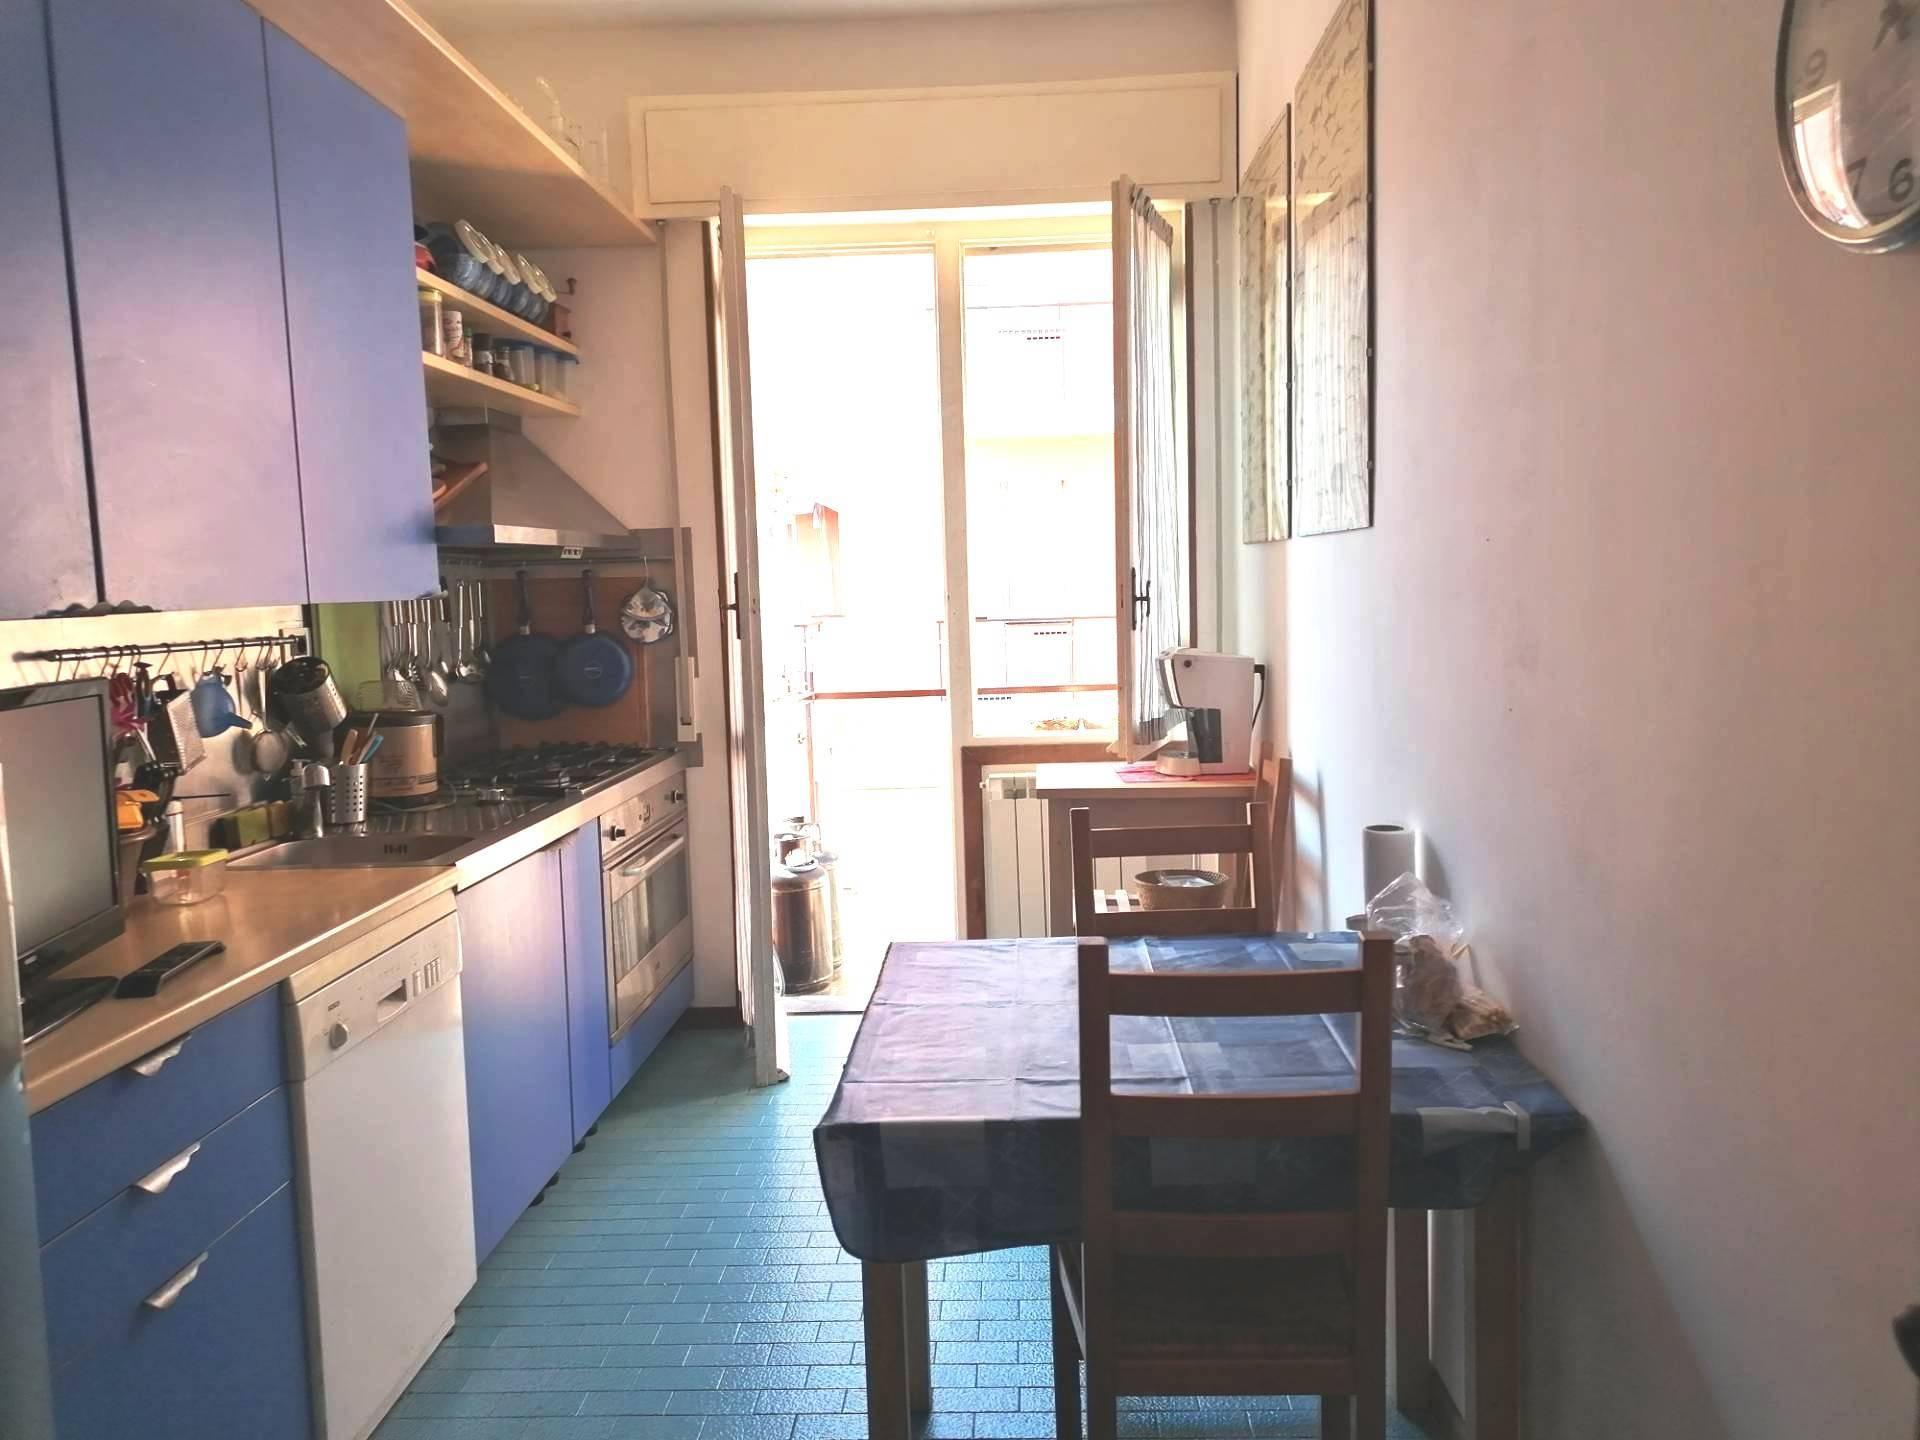 Appartamento in vendita a Arenzano, 2 locali, prezzo € 140.000 | CambioCasa.it